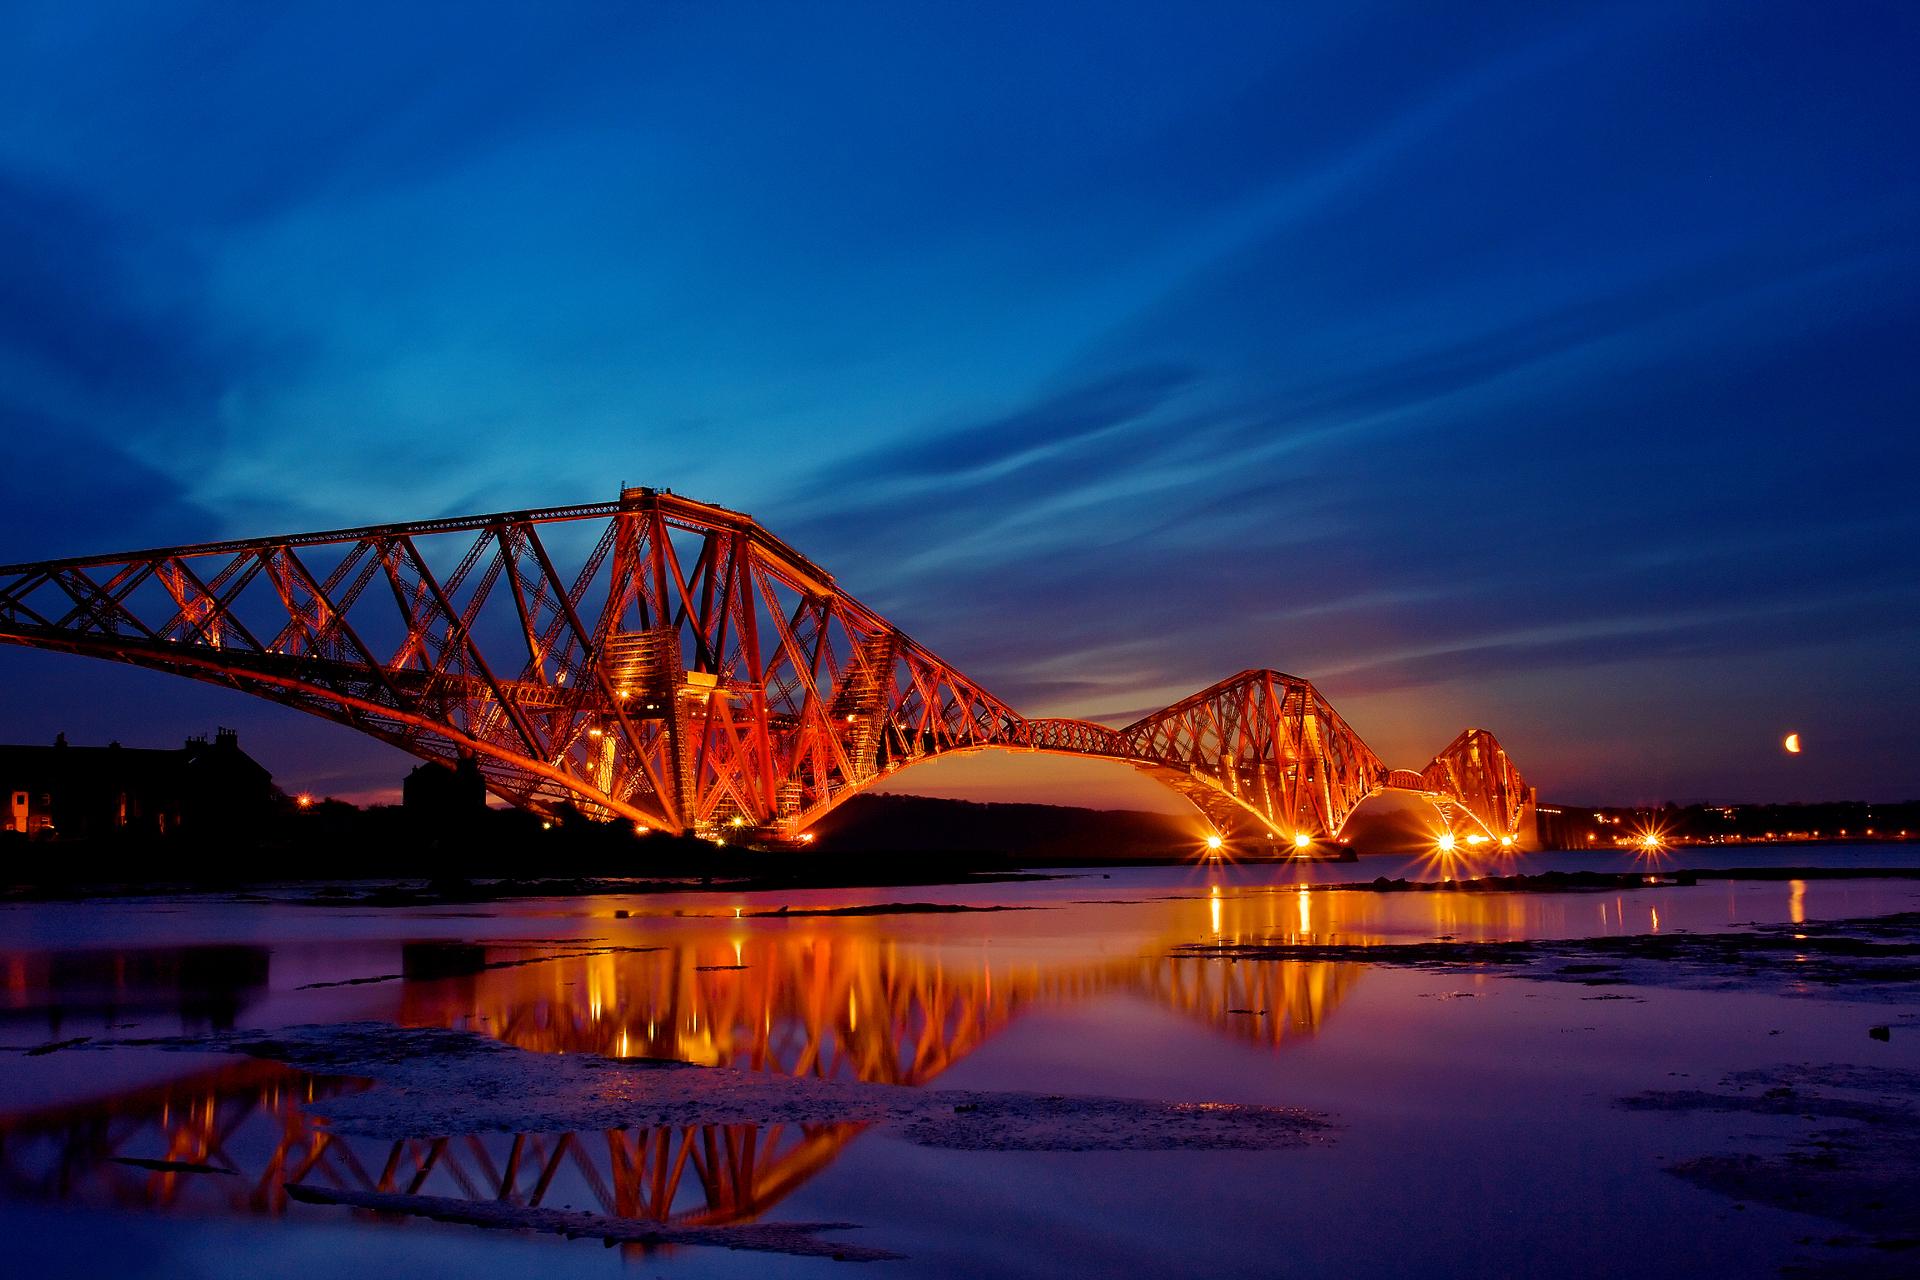 природа страны архитектура ночь река город мост  № 806776 загрузить